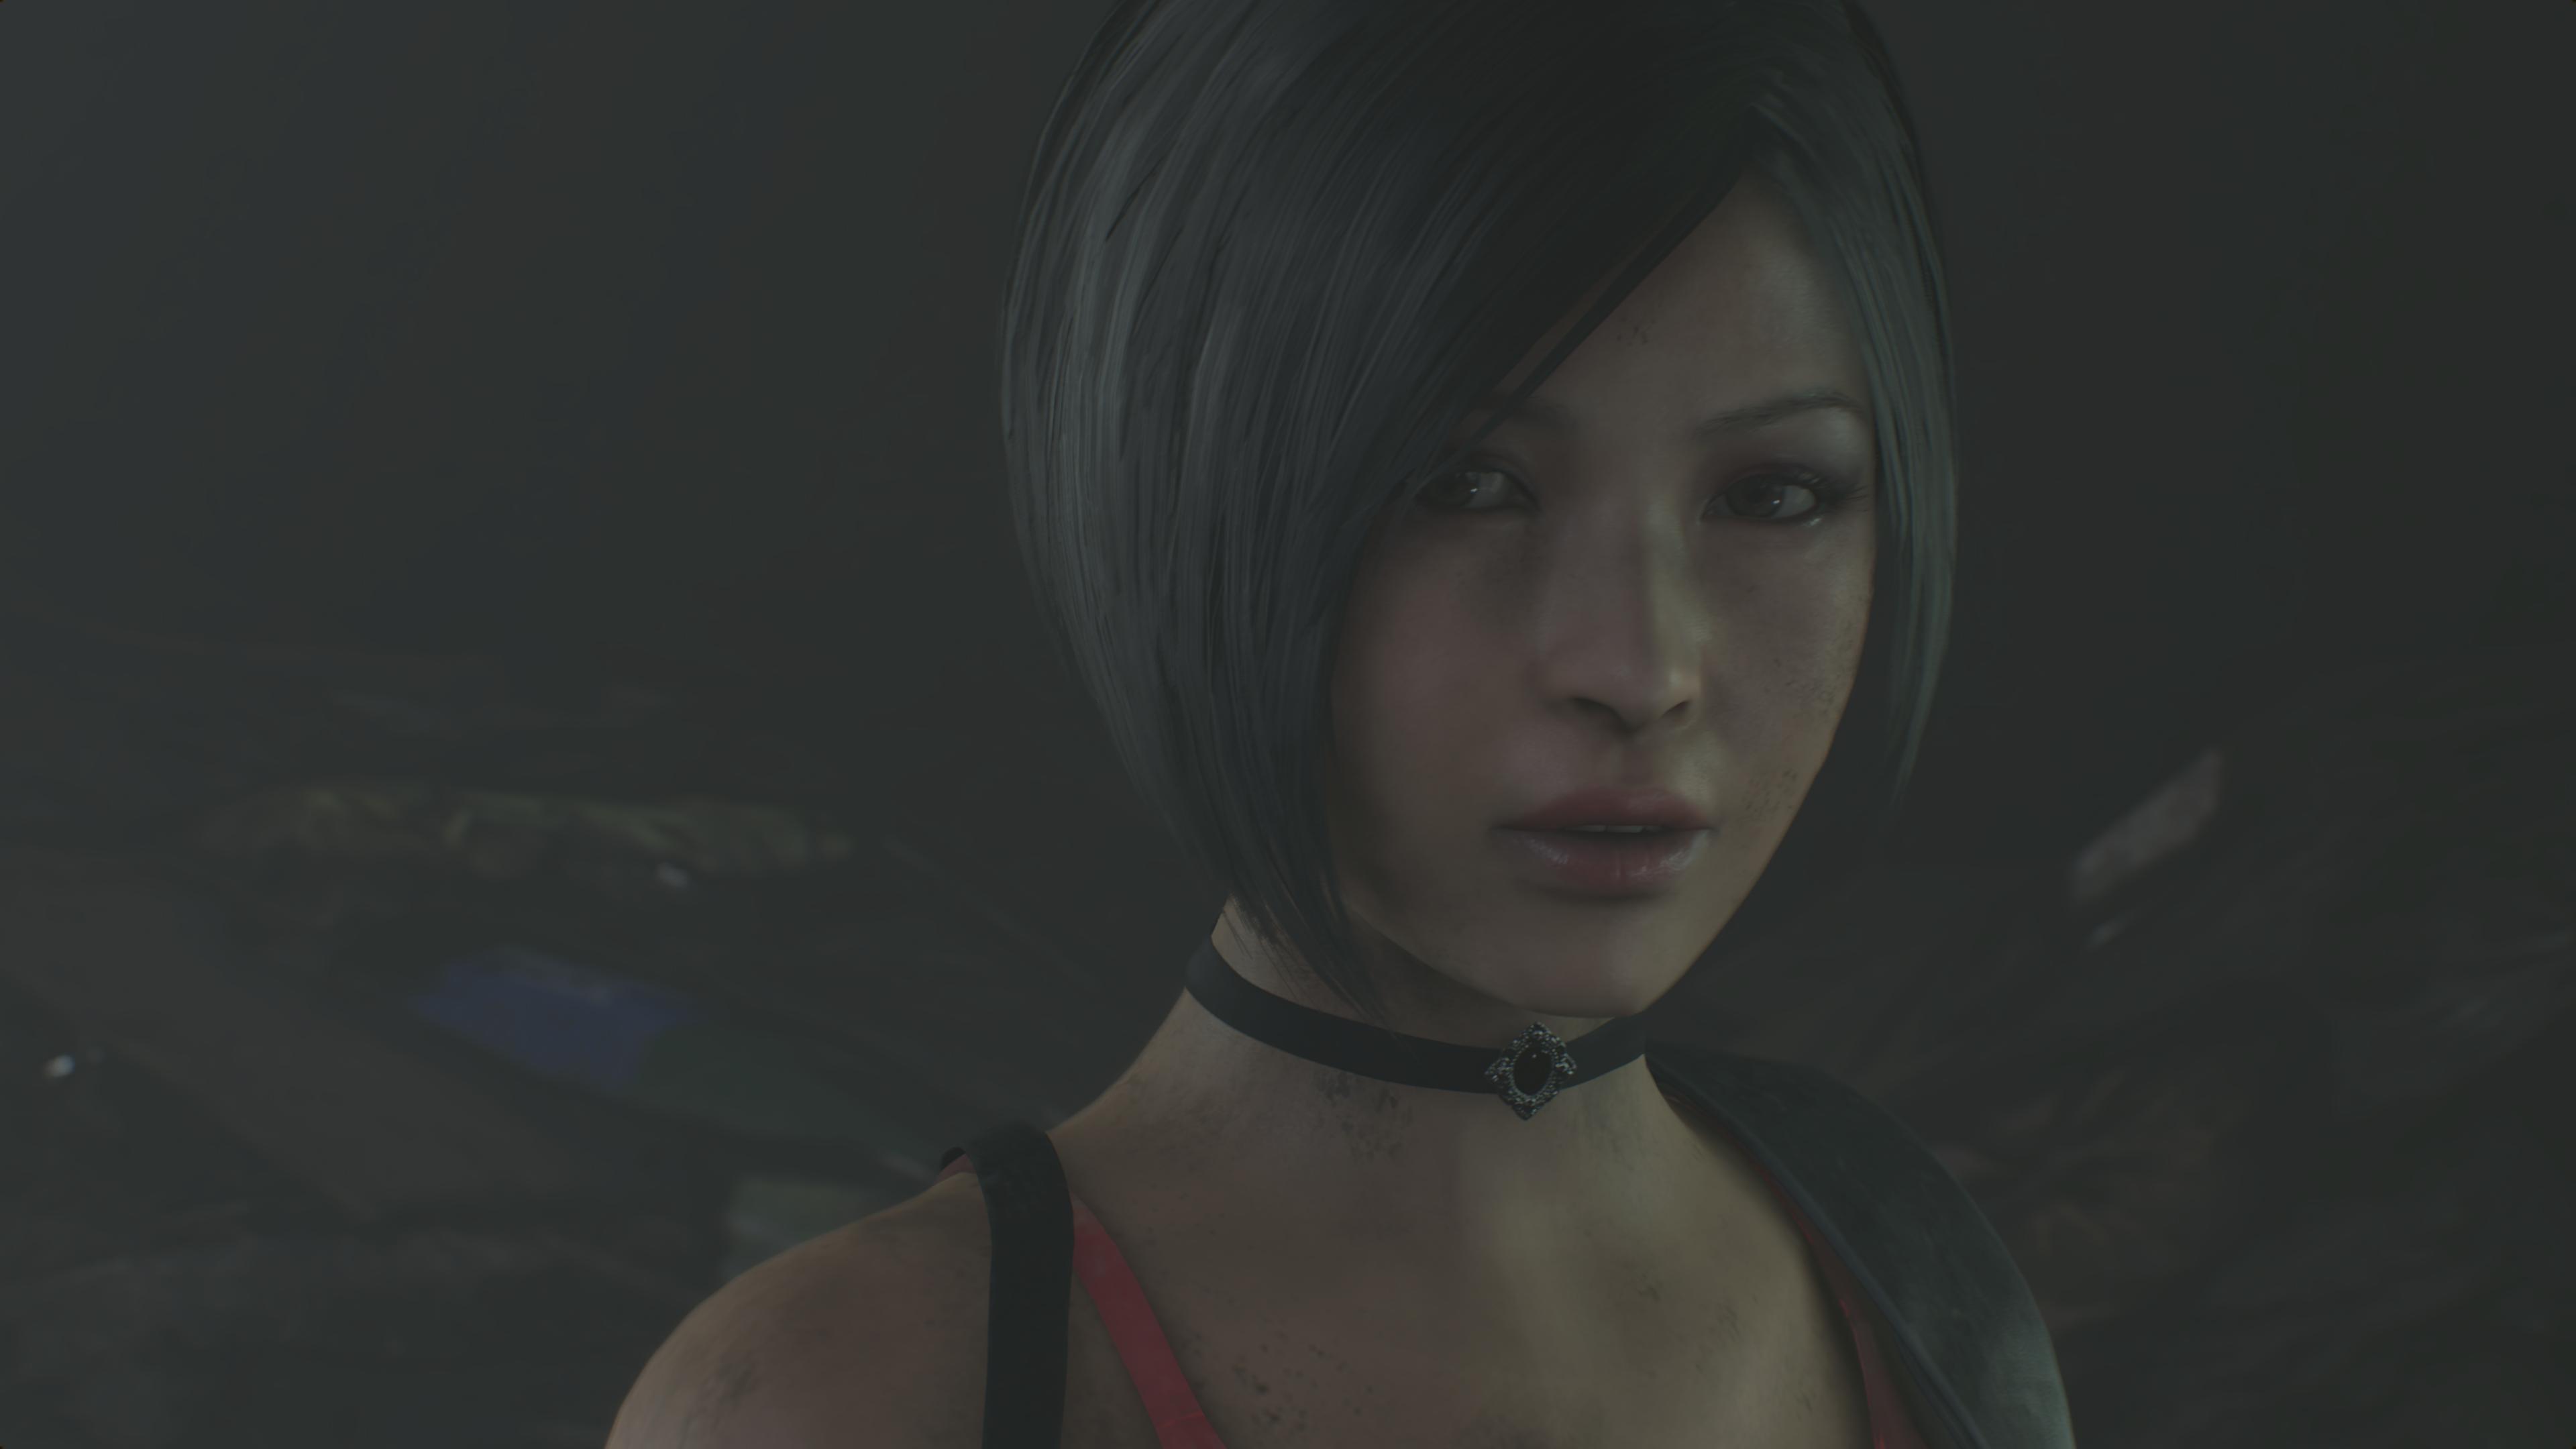 Resident Evil 2 Remake - Ада 4k ultra graphics Nvidia GeForce RTX 2080 - Resident Evil 2